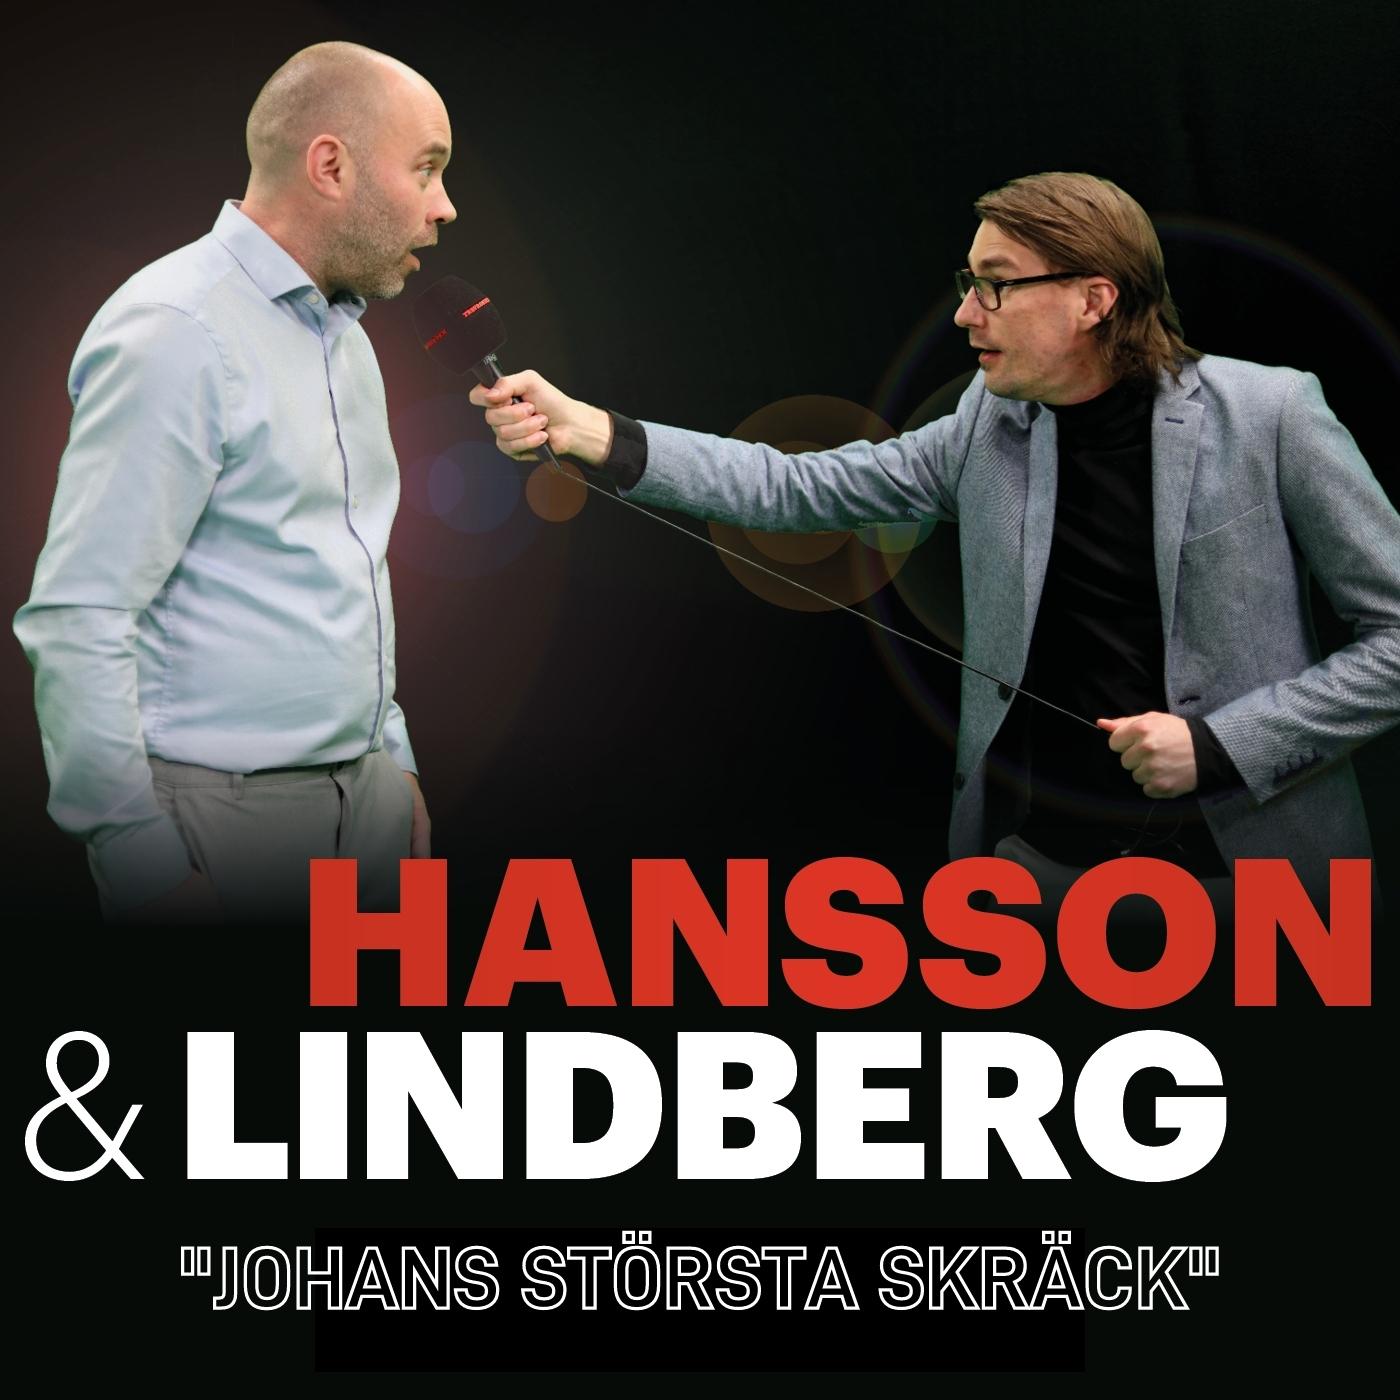 """19. Hansson & Lindberg - """"Johans största skräck"""""""